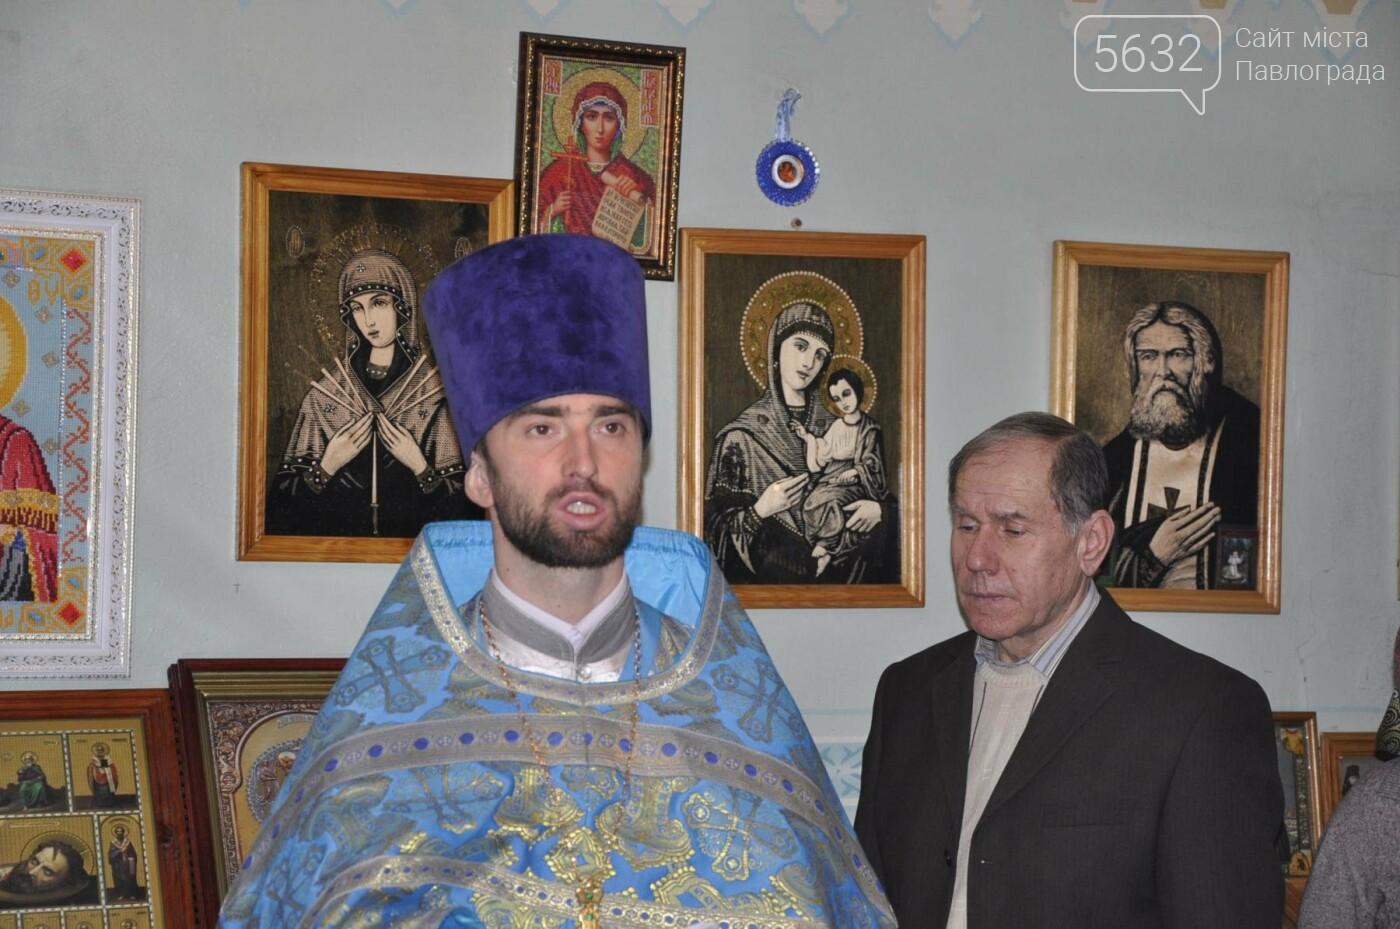 В Павлограде впервые за 20 лет на Рождество родилась двойня, фото-3